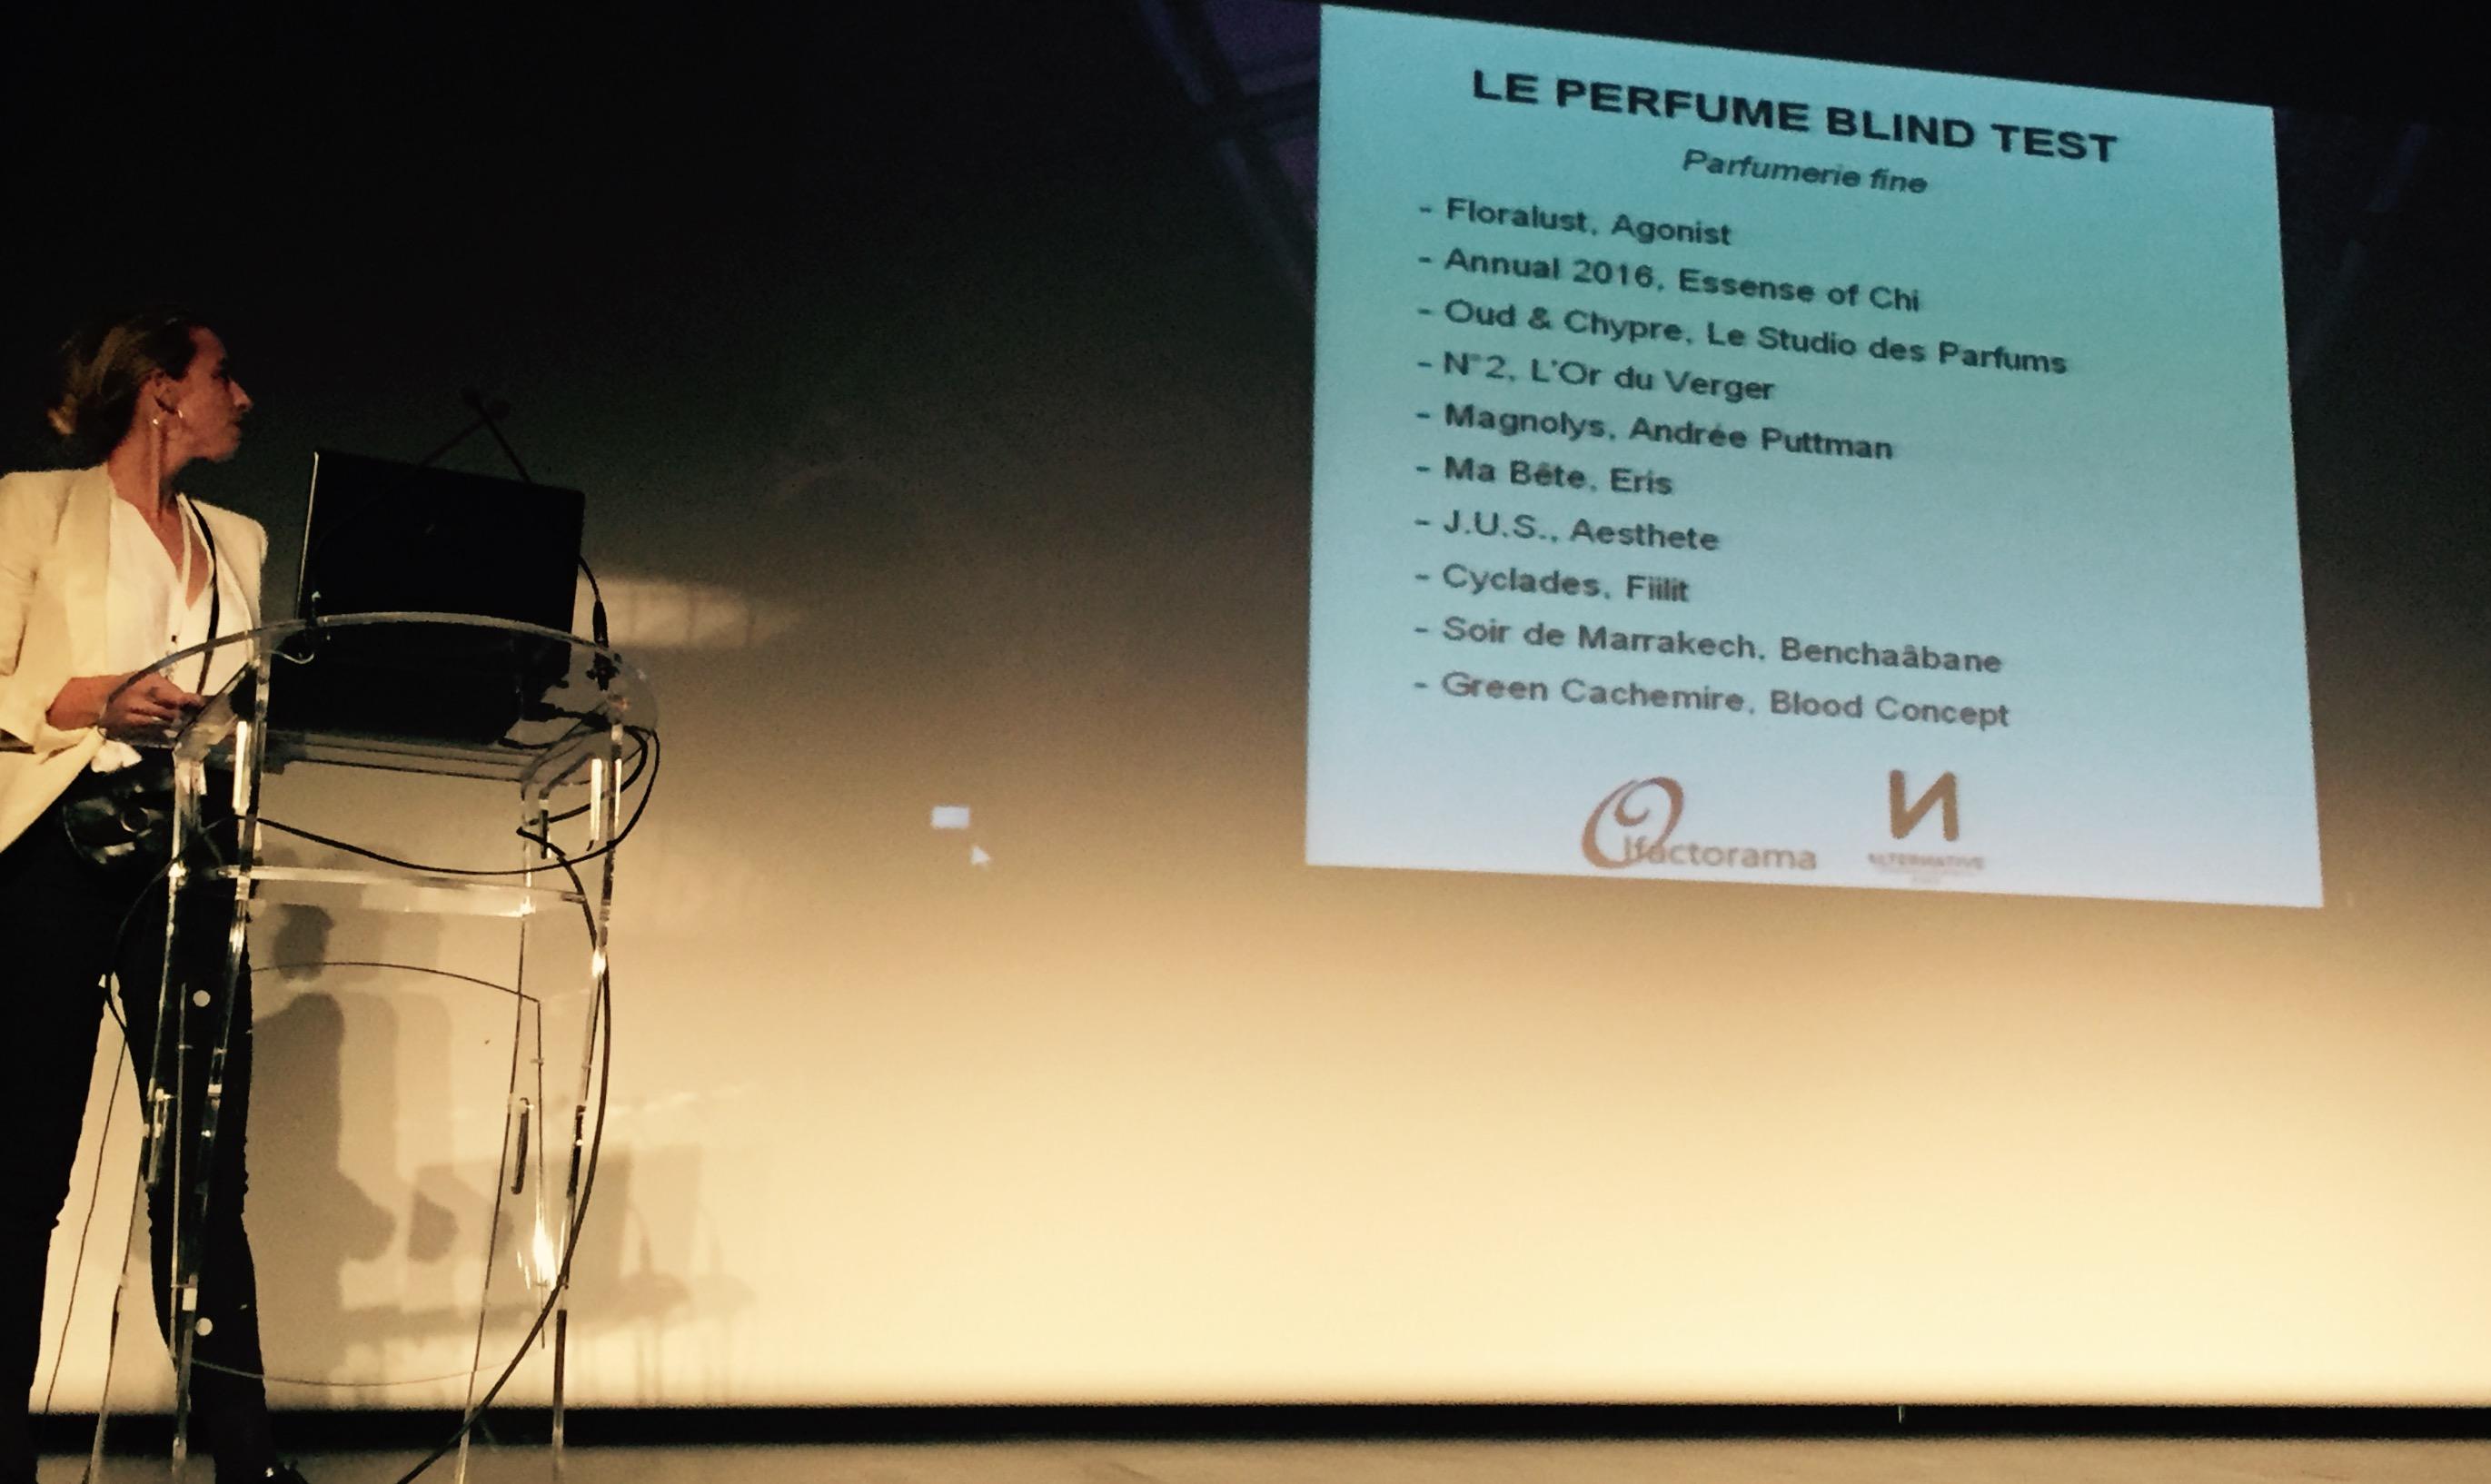 Soir de Marrakech nominé à Paris pour le prix Olfactorama